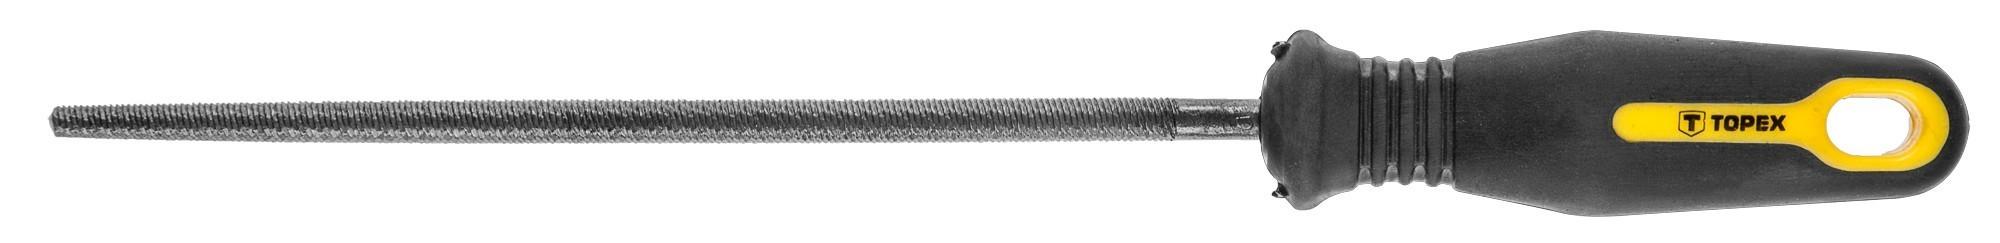 Fémreszelõ 200 mm / 2 mm kerek | TOPEX 06A723